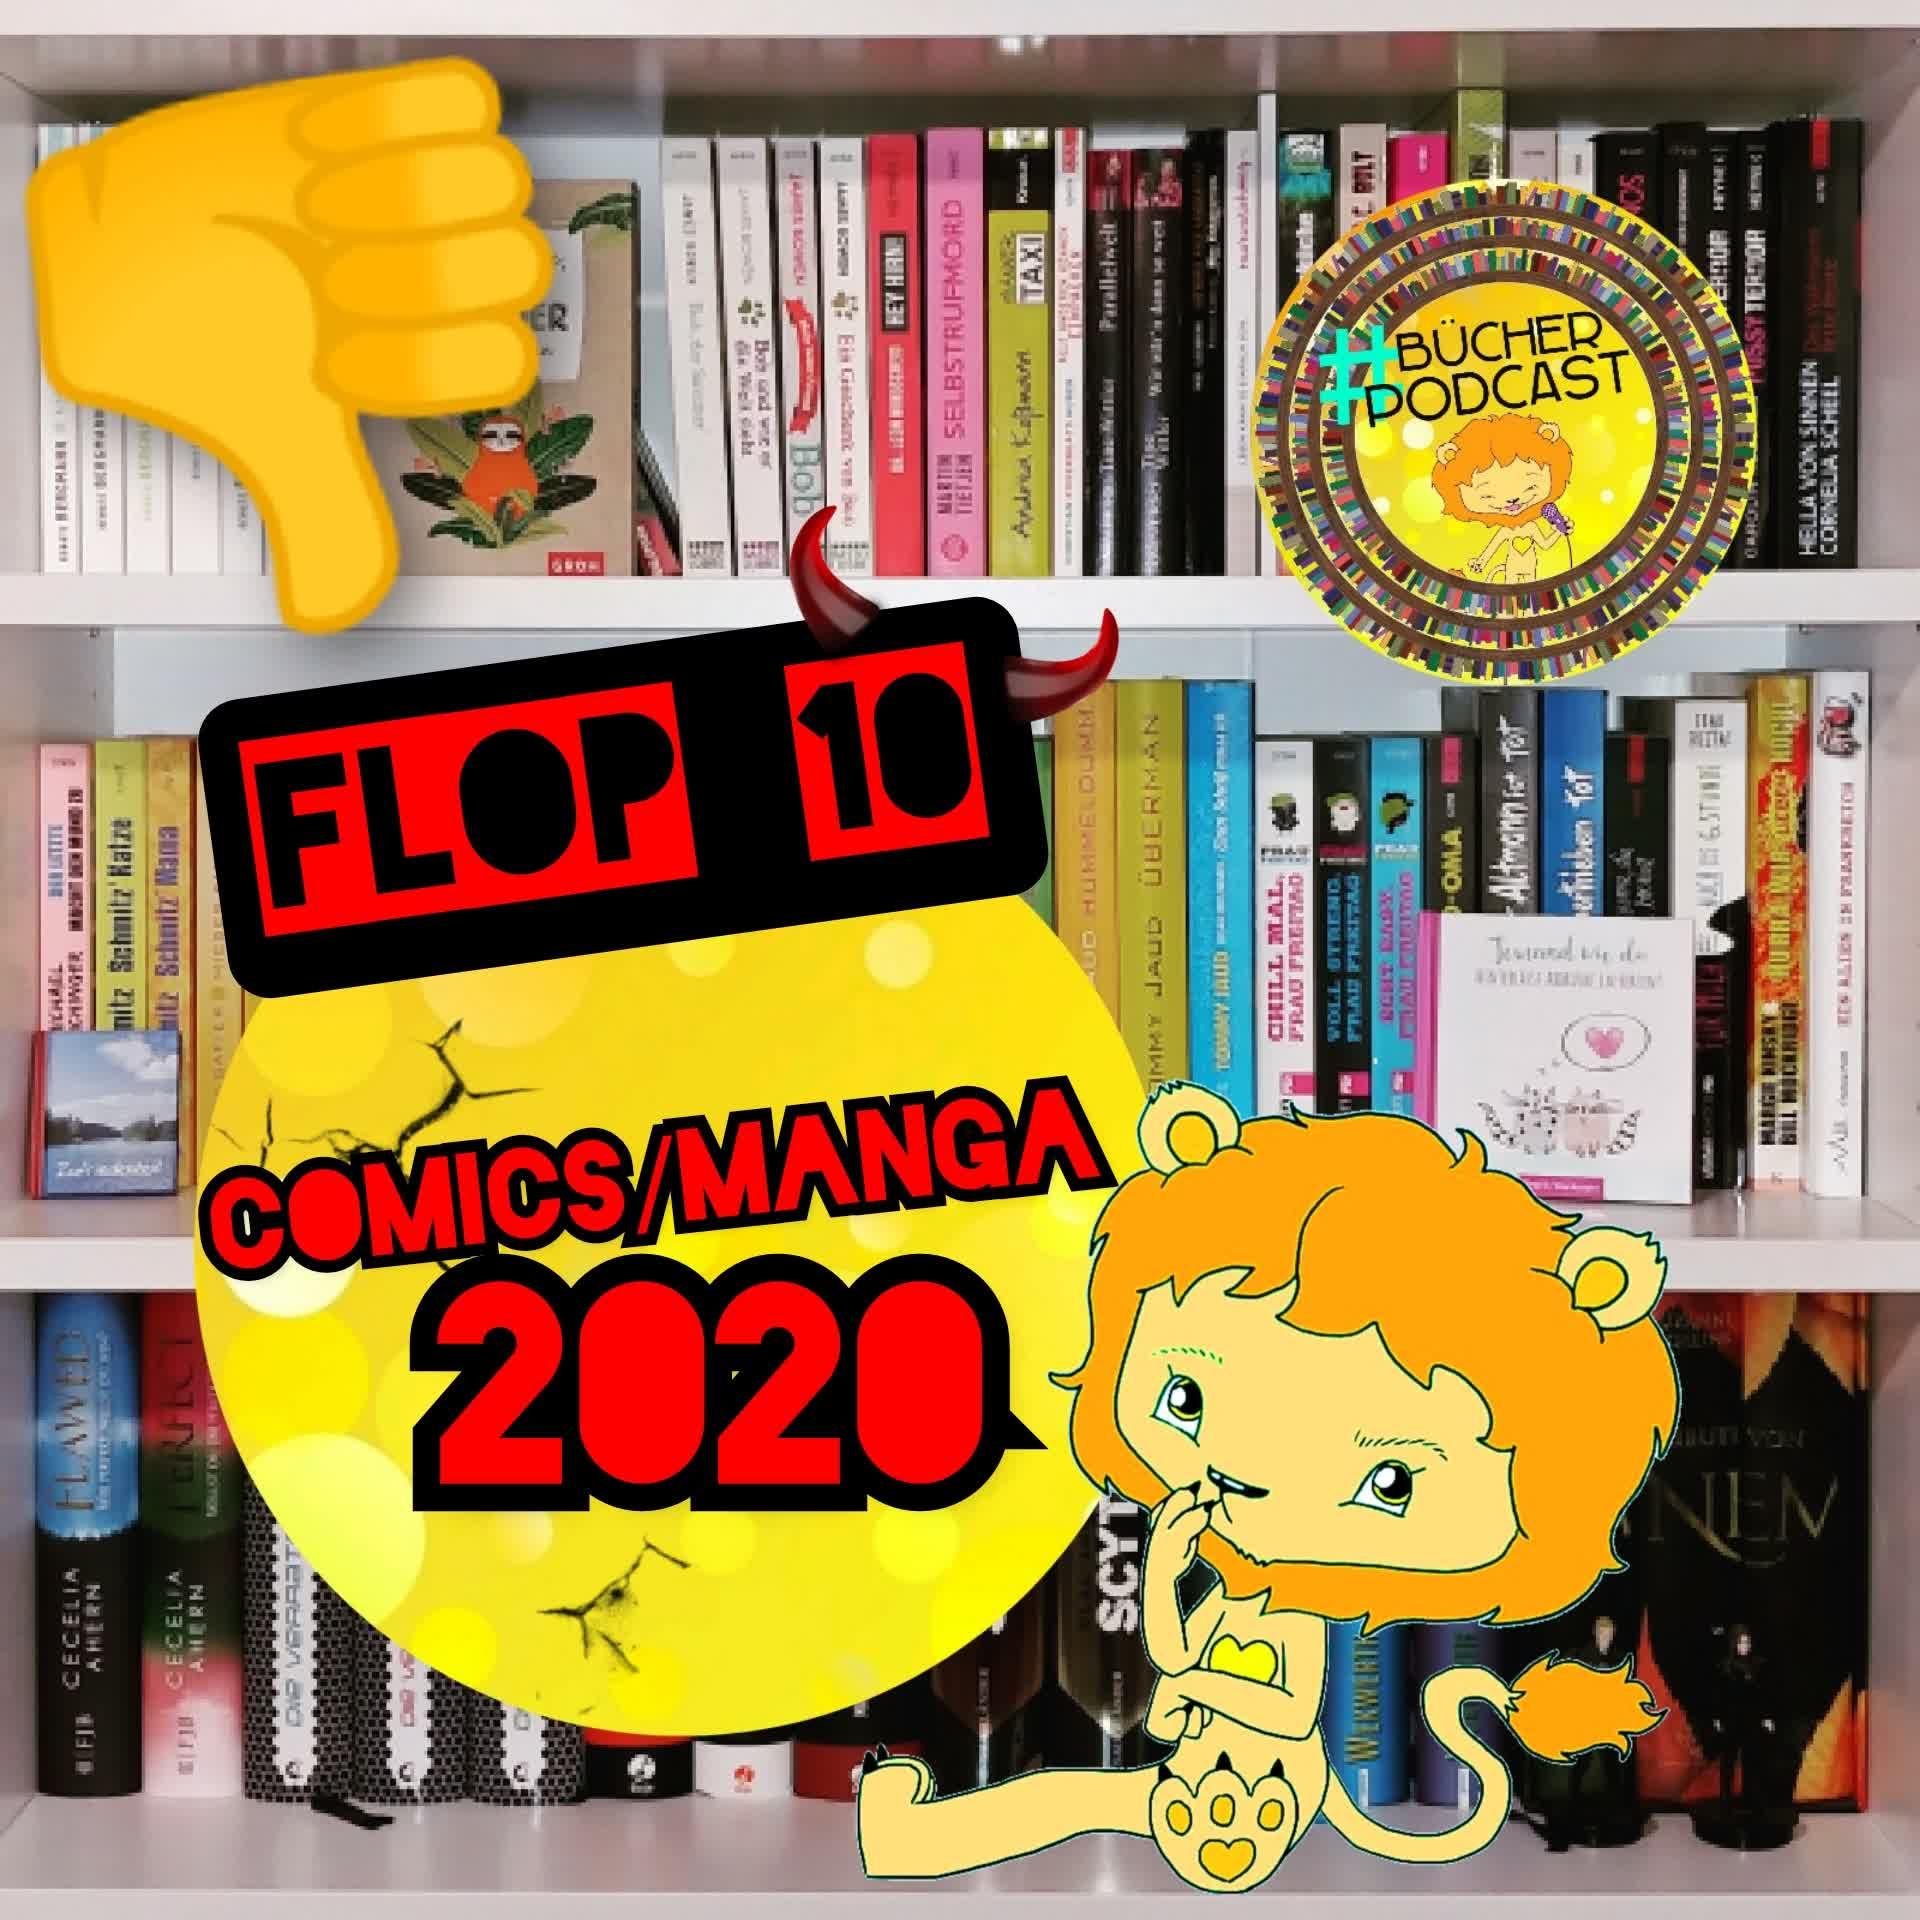 Flop 10 Comics/Manga 2020